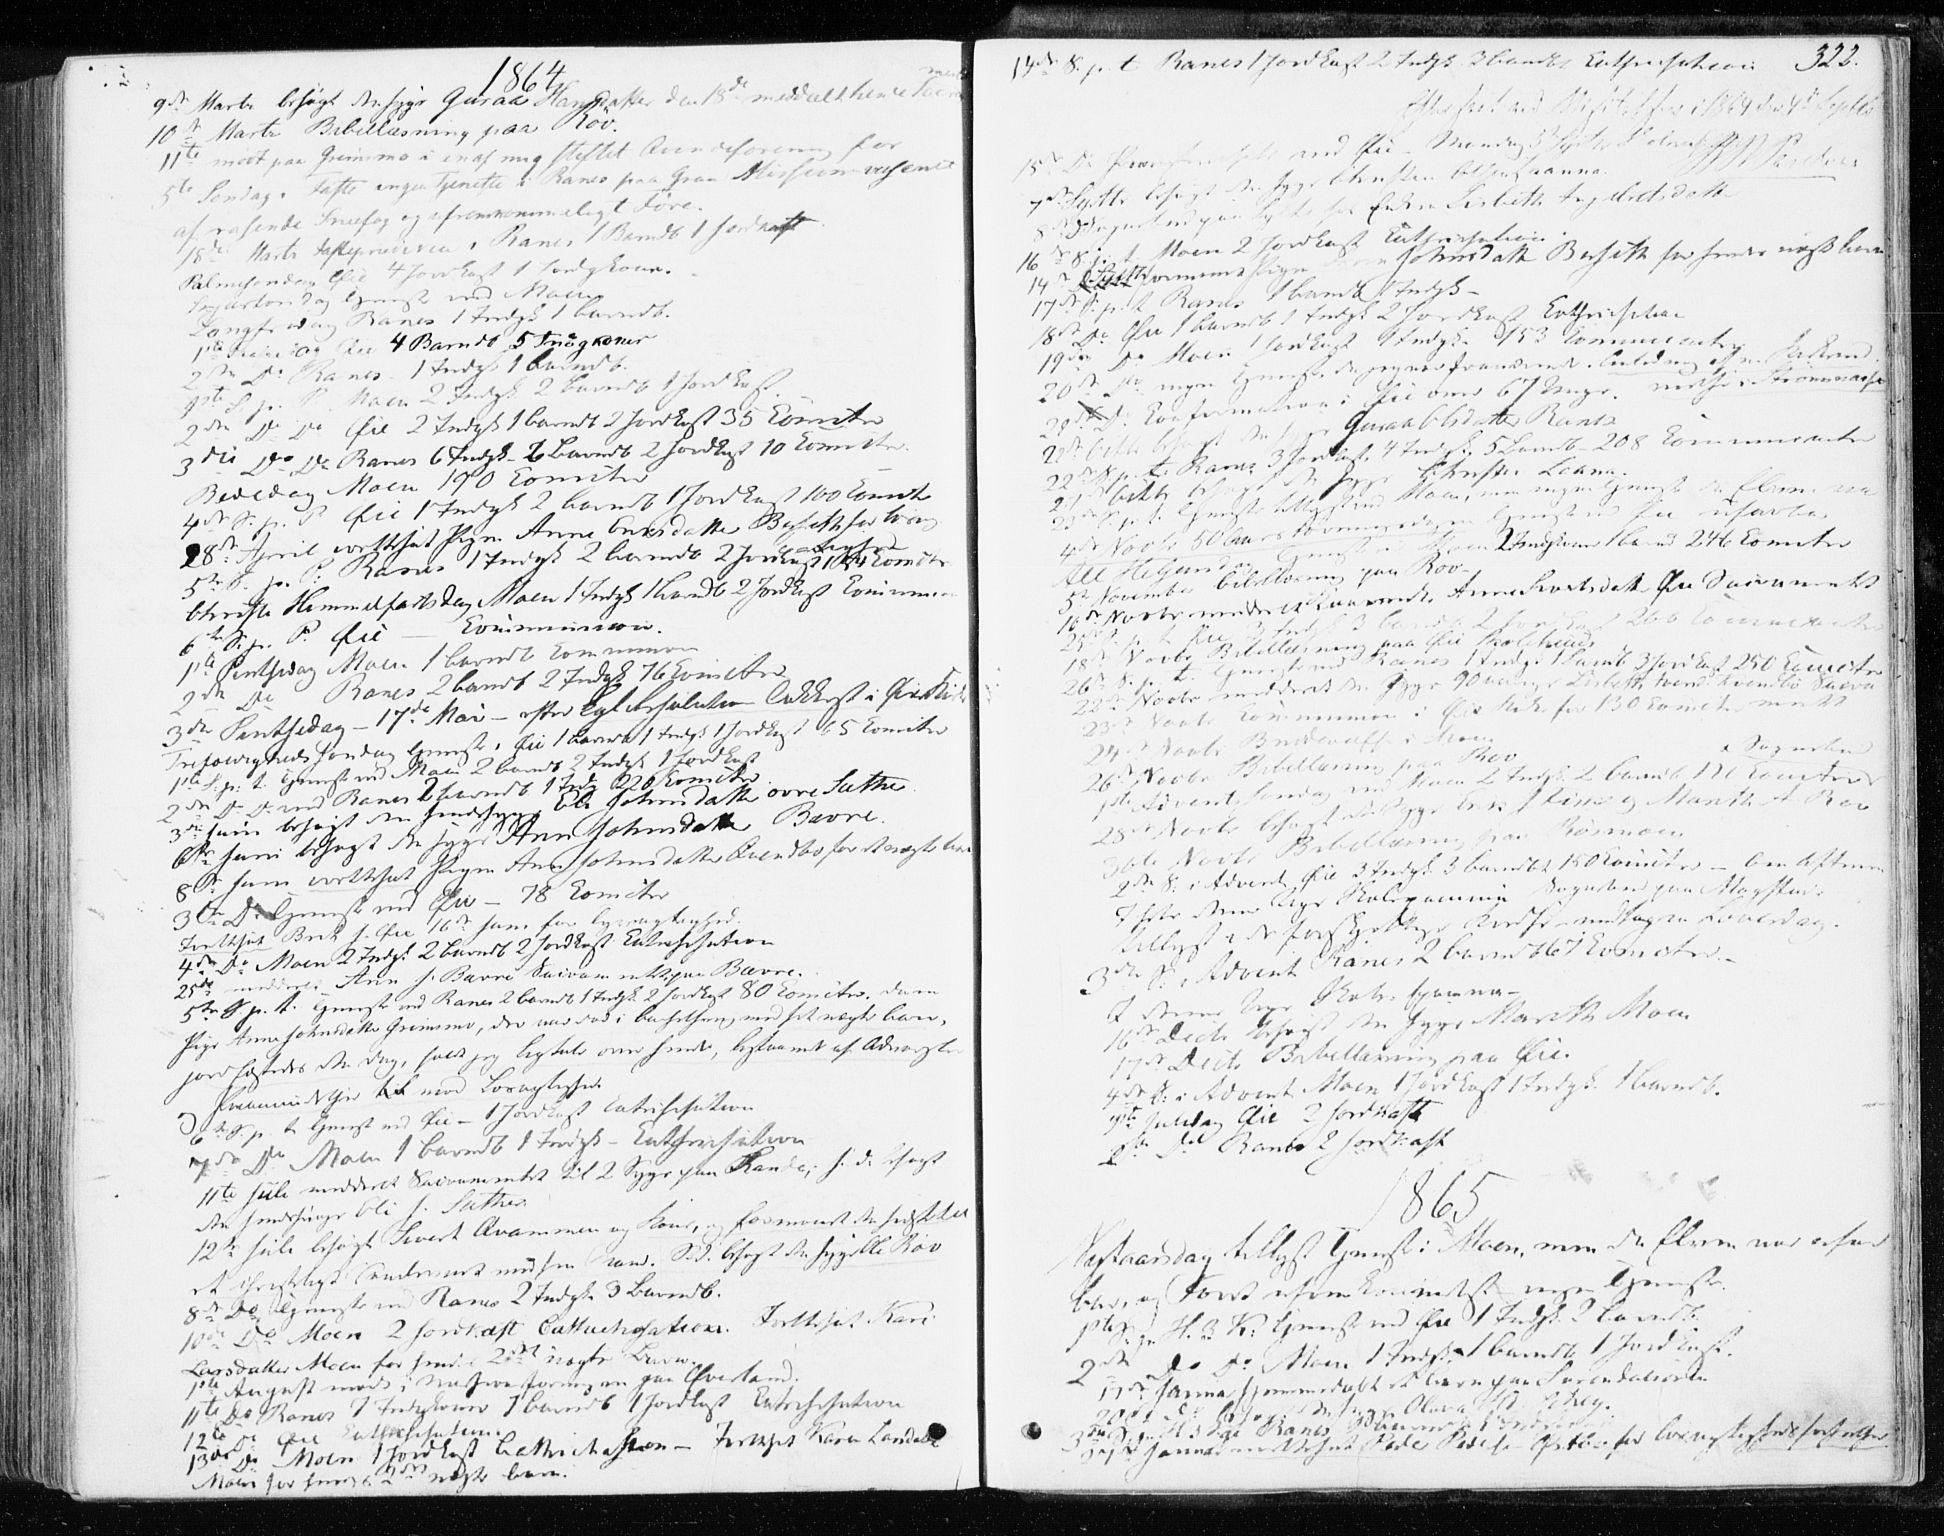 SAT, Ministerialprotokoller, klokkerbøker og fødselsregistre - Møre og Romsdal, 595/L1045: Ministerialbok nr. 595A07, 1863-1873, s. 322